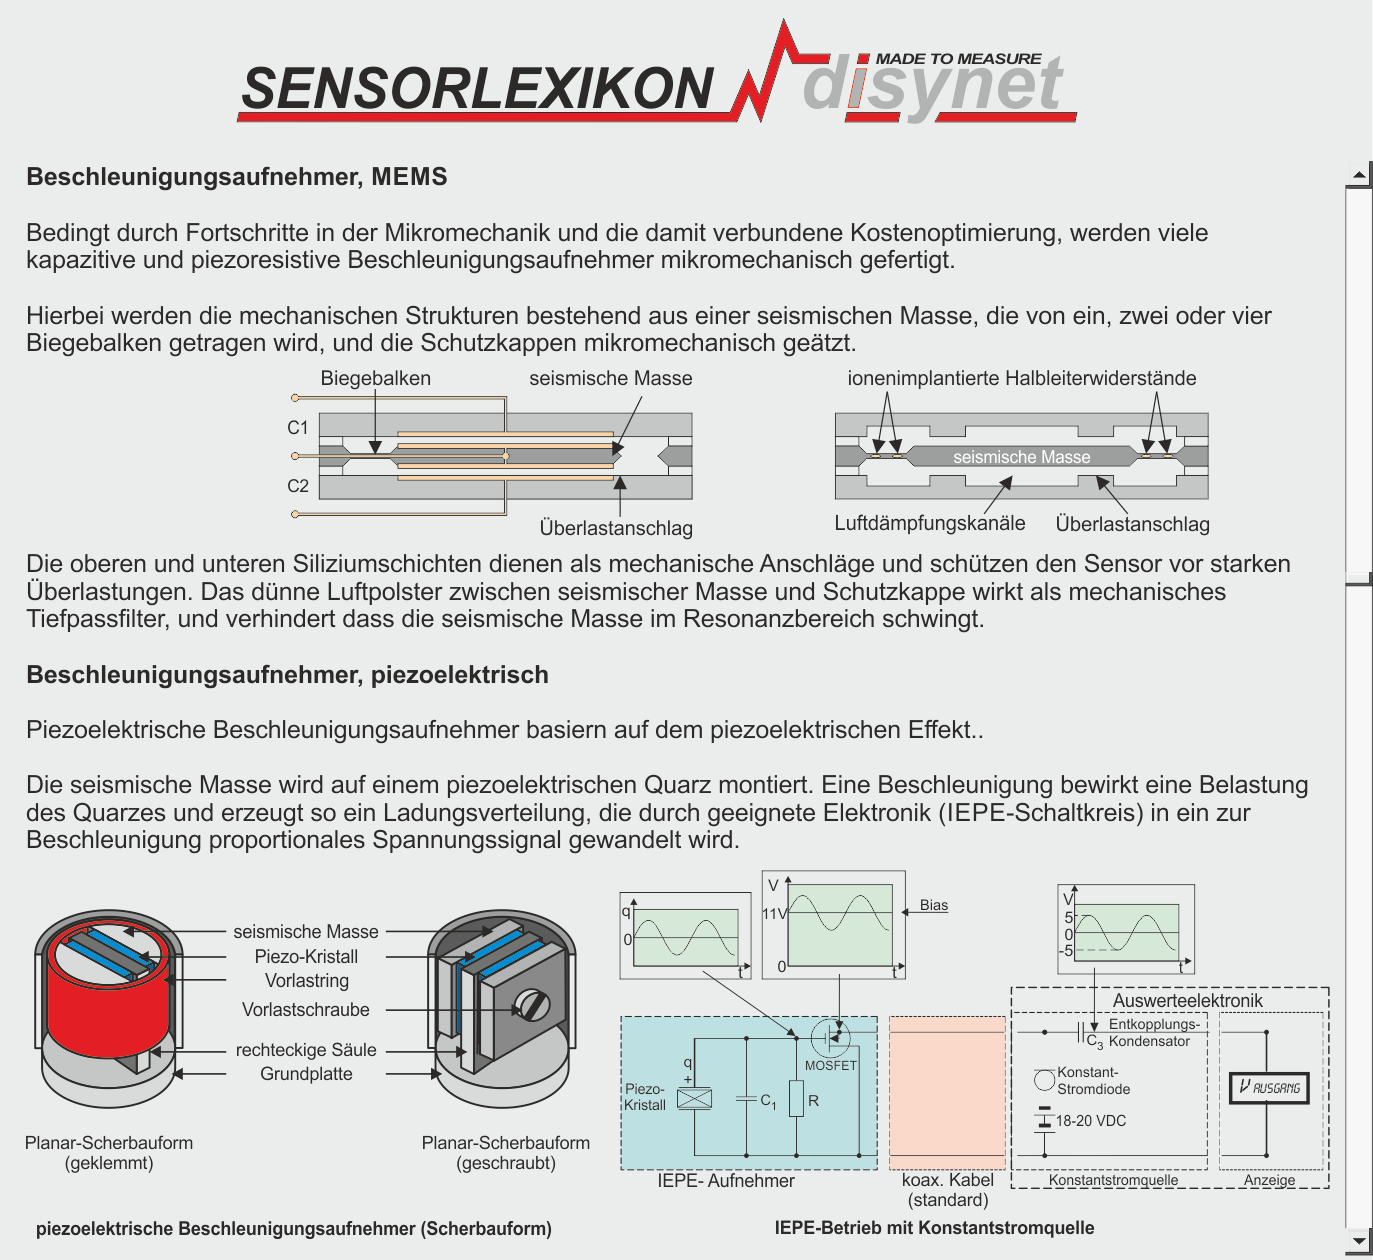 disynet Sensorlexikon